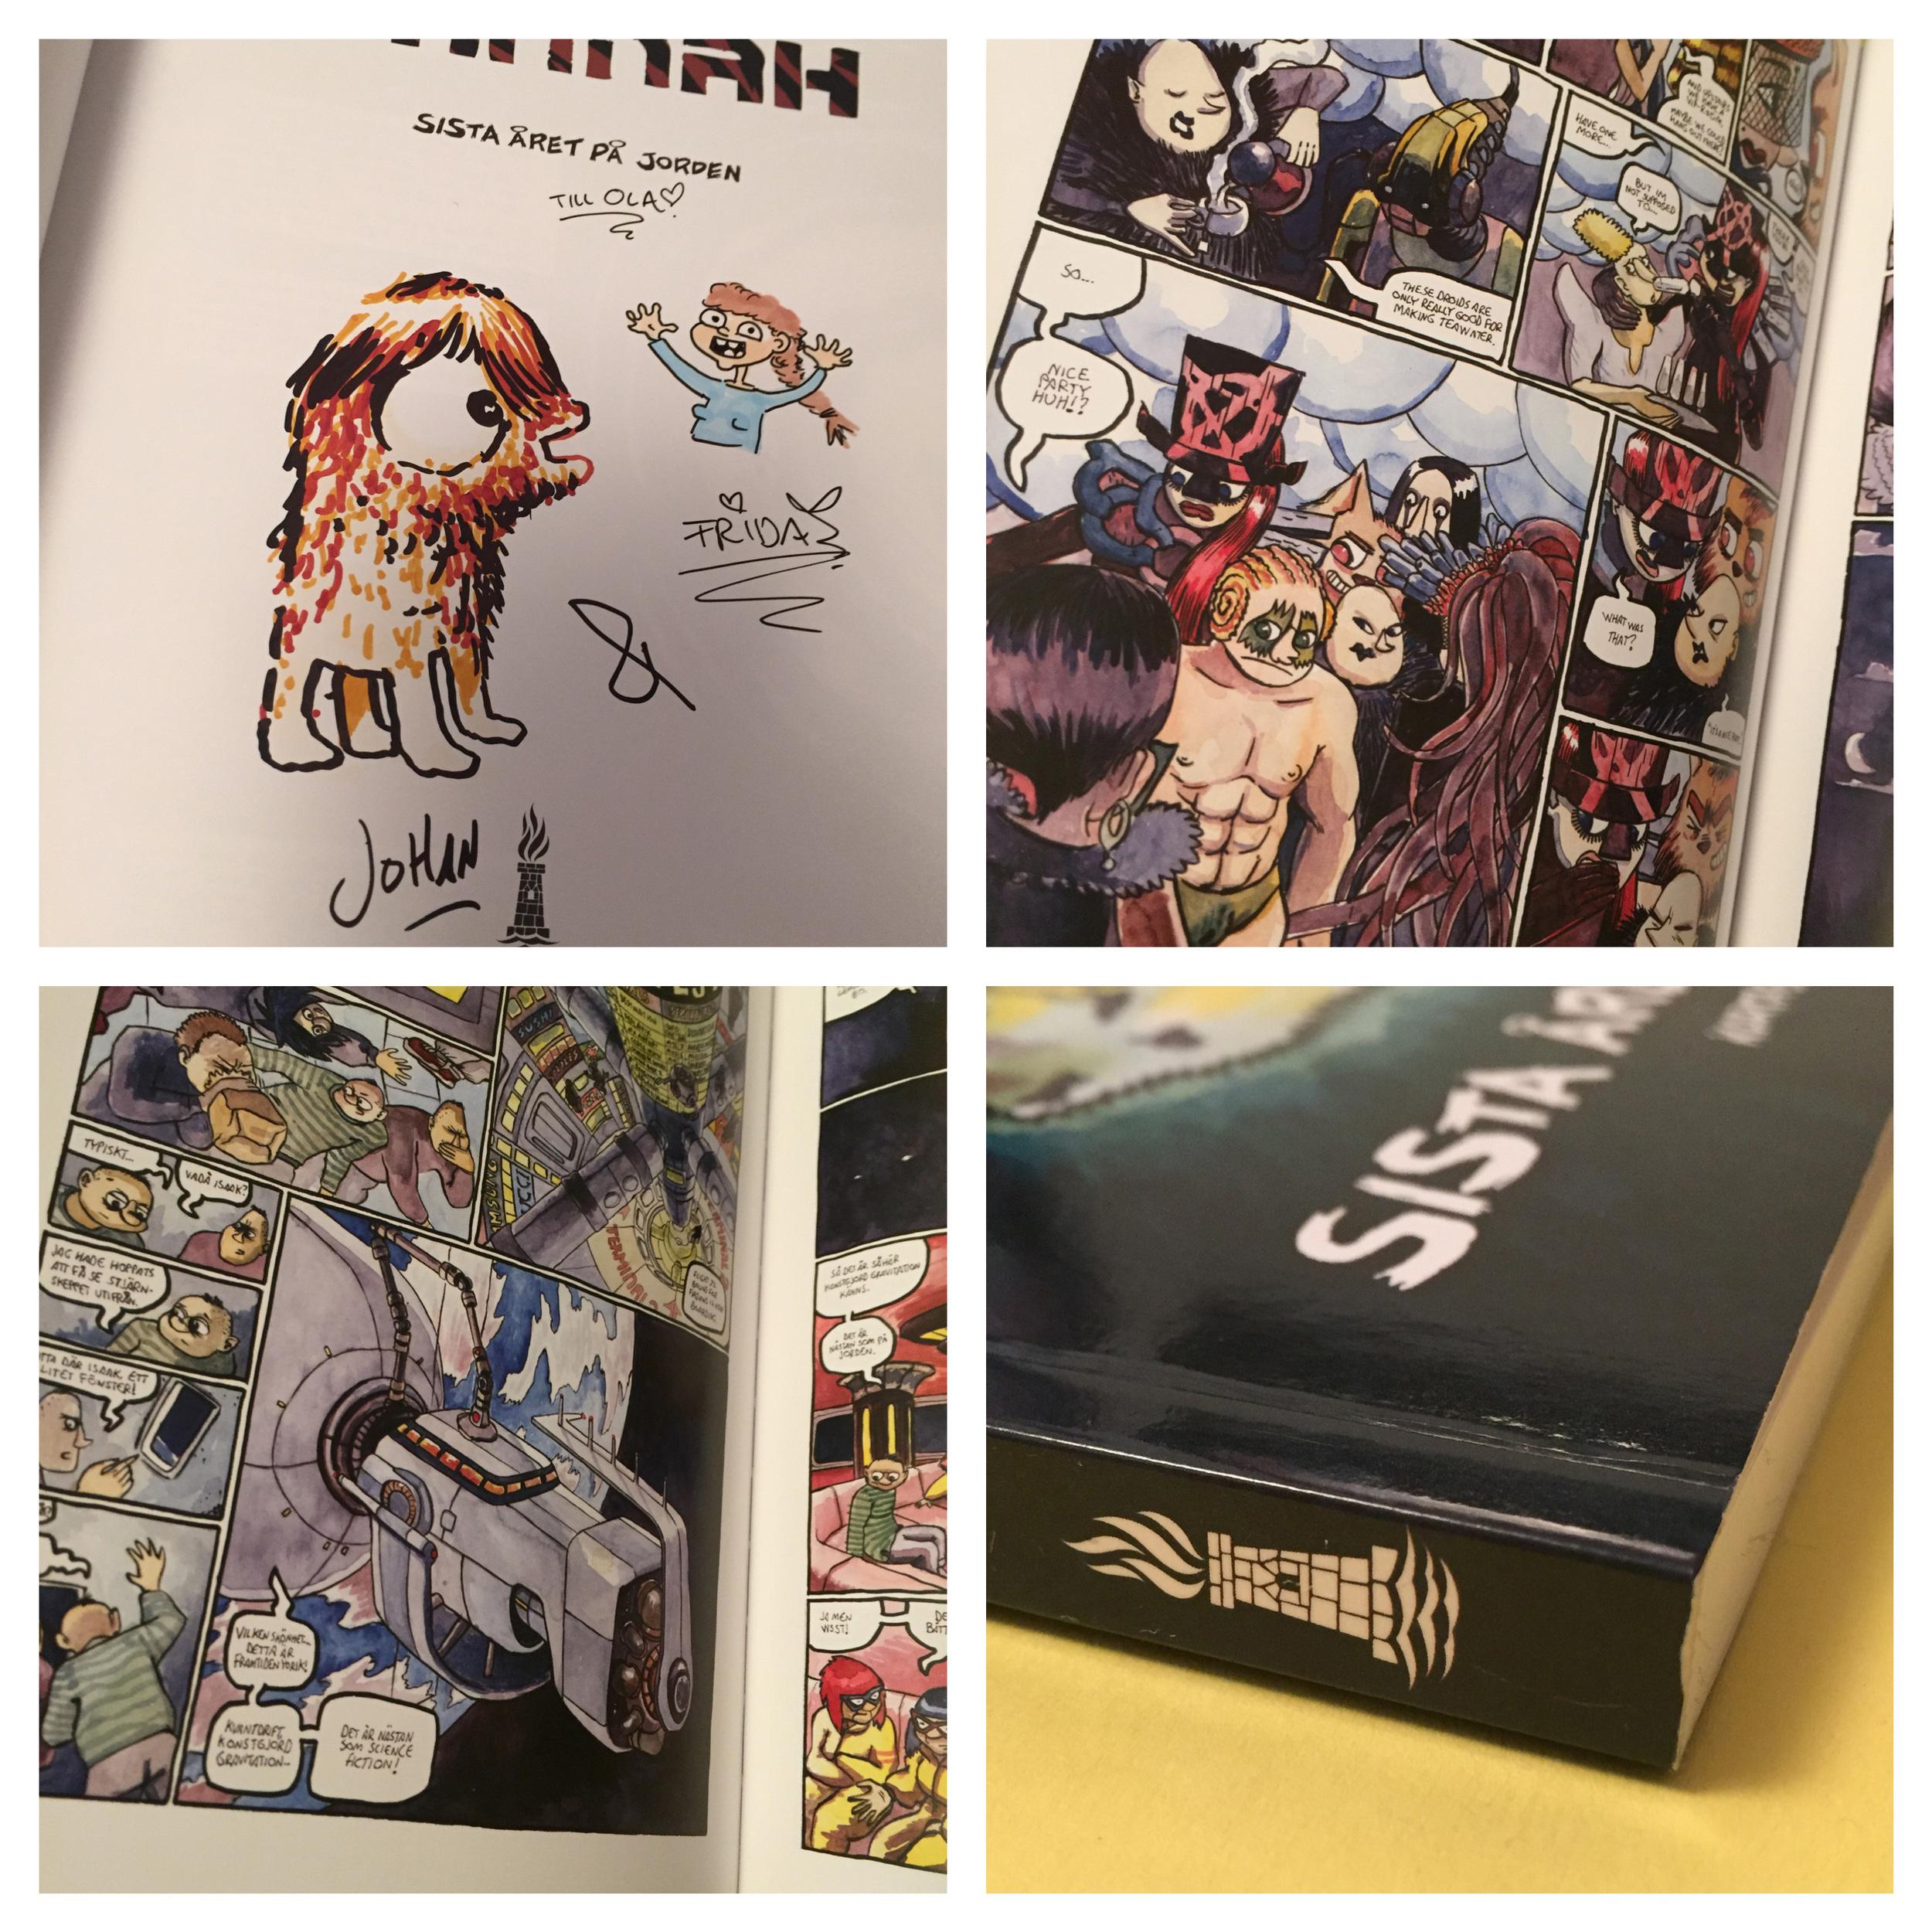 Home-Made-Comics-Seal-of-Approval-126-Jannah---Sista-aret-pa-jorden-av-Frida-Ulvegren-och-Johan-Jergner-Ekervik-utgiven-av-Kartago-2016